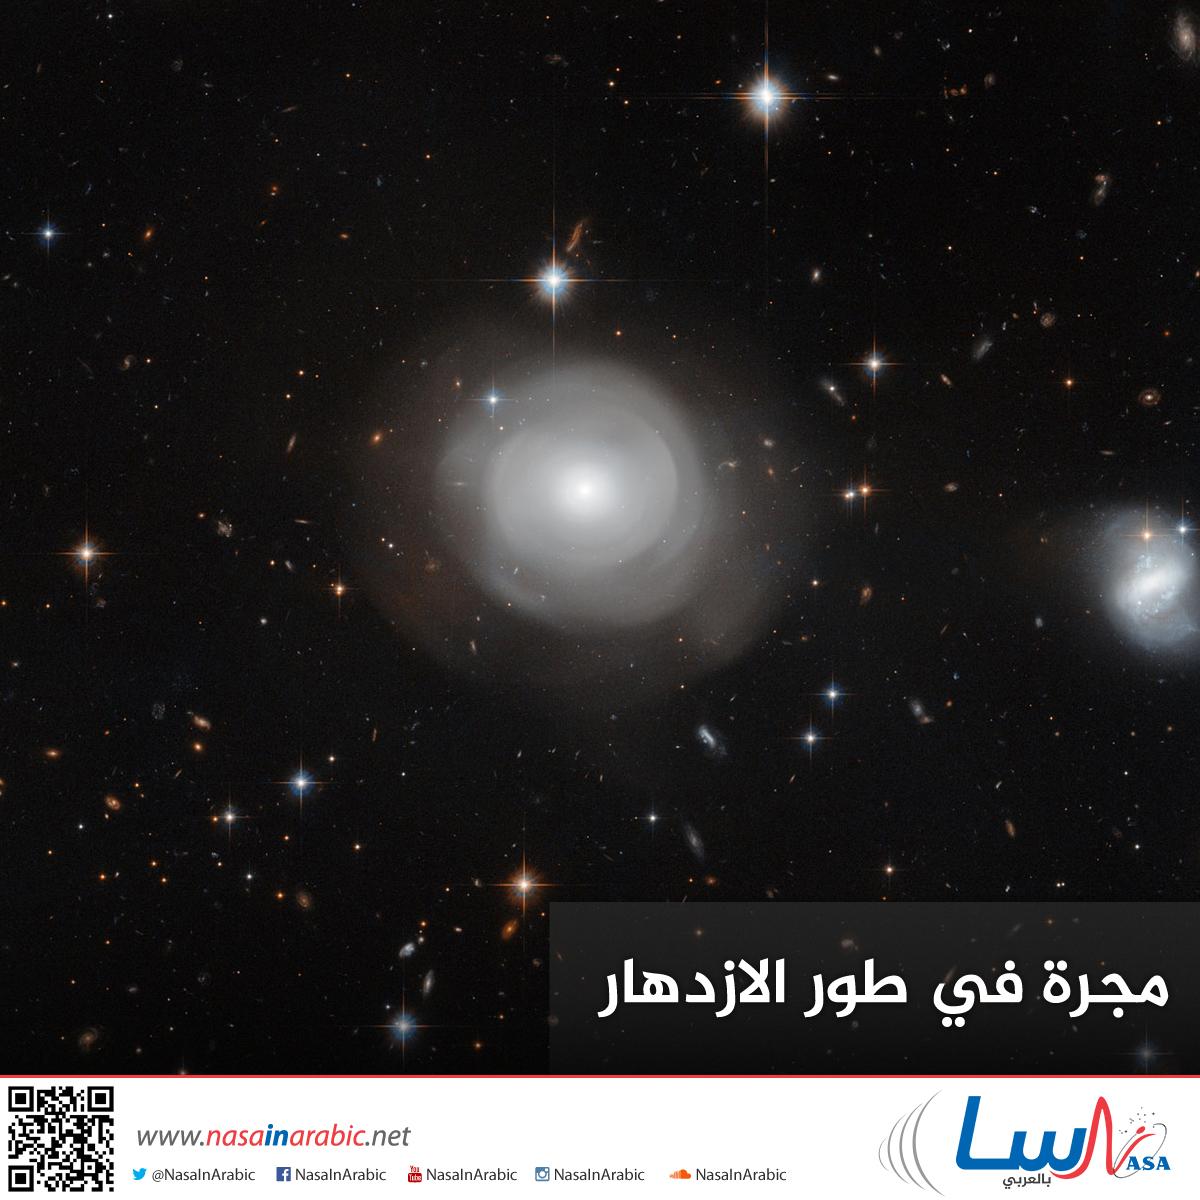 مجرة في طور الازدهار